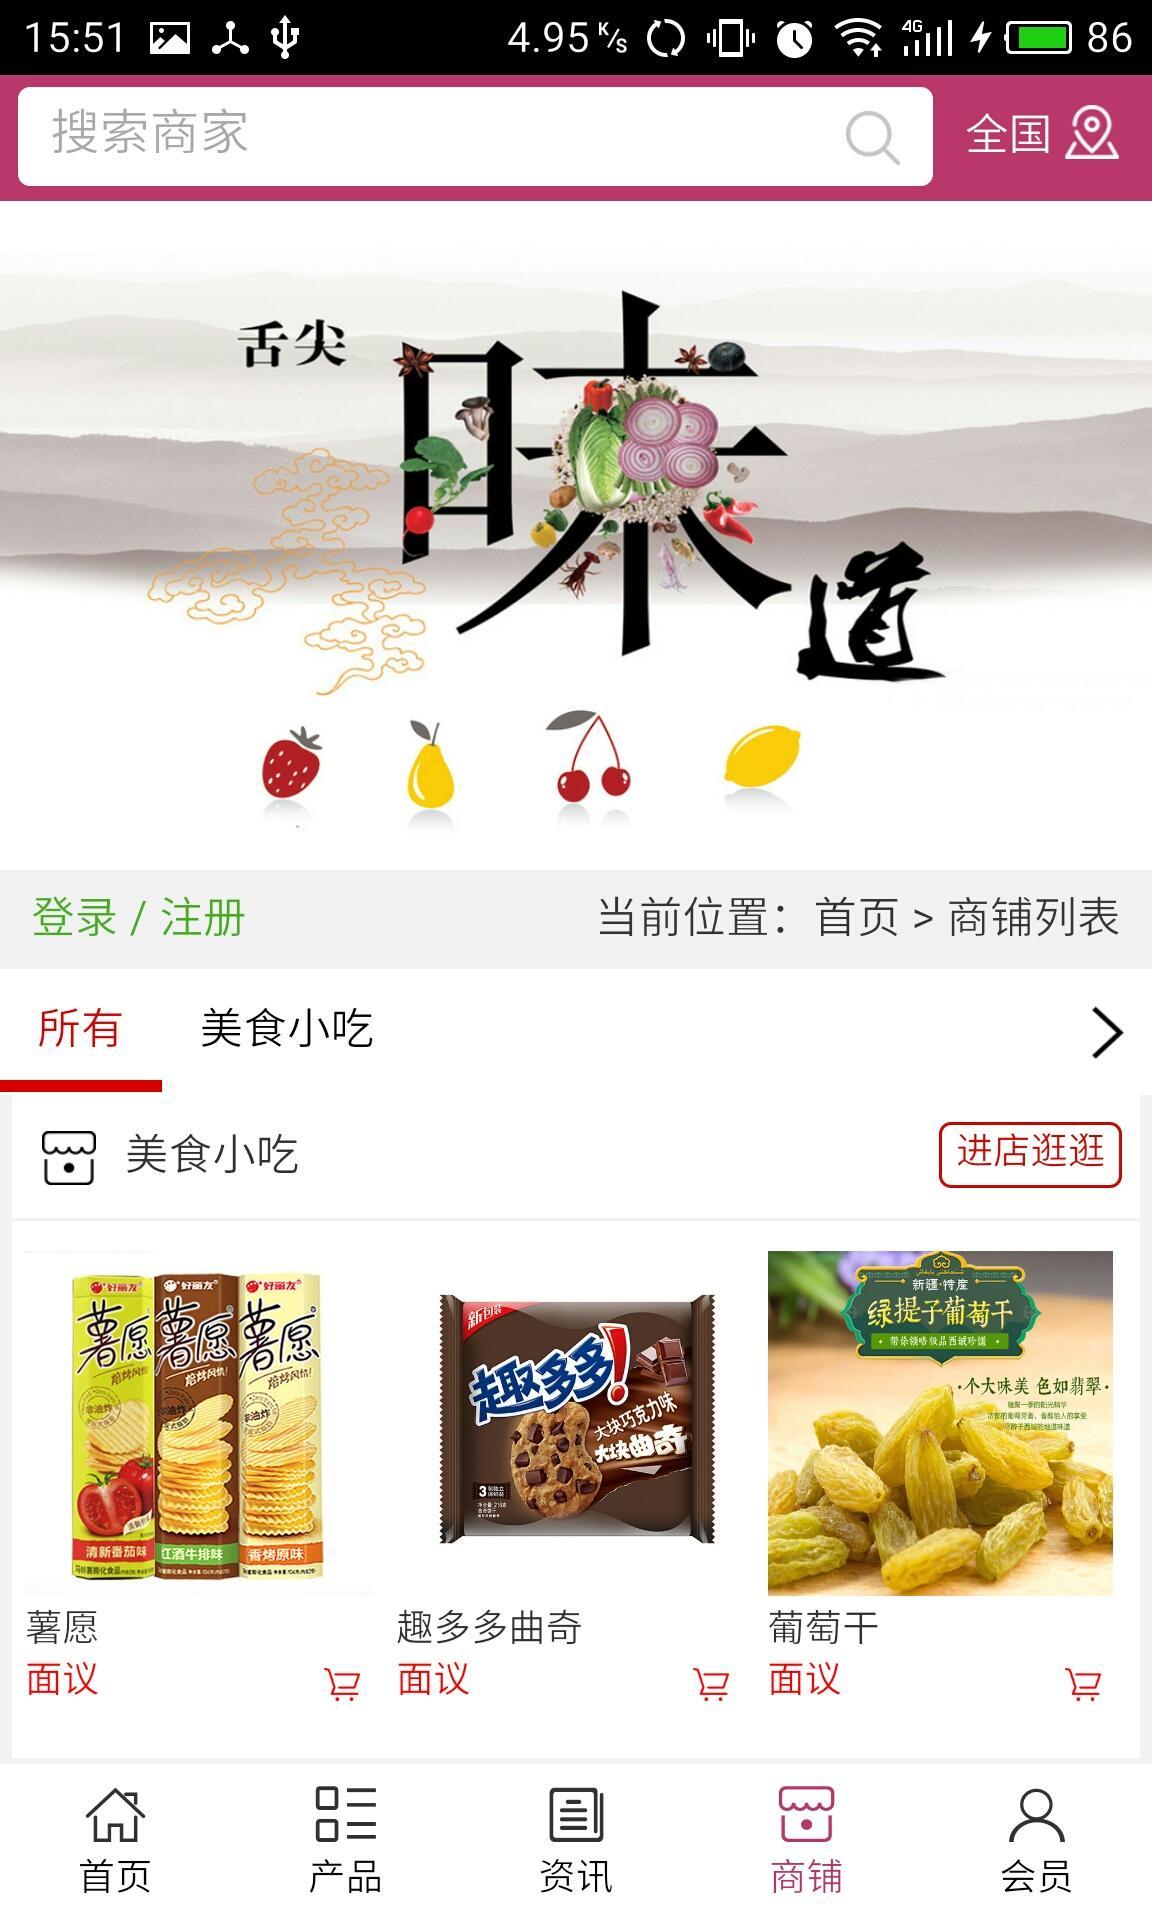 美食小吃 V5.0.0 安卓版截图4